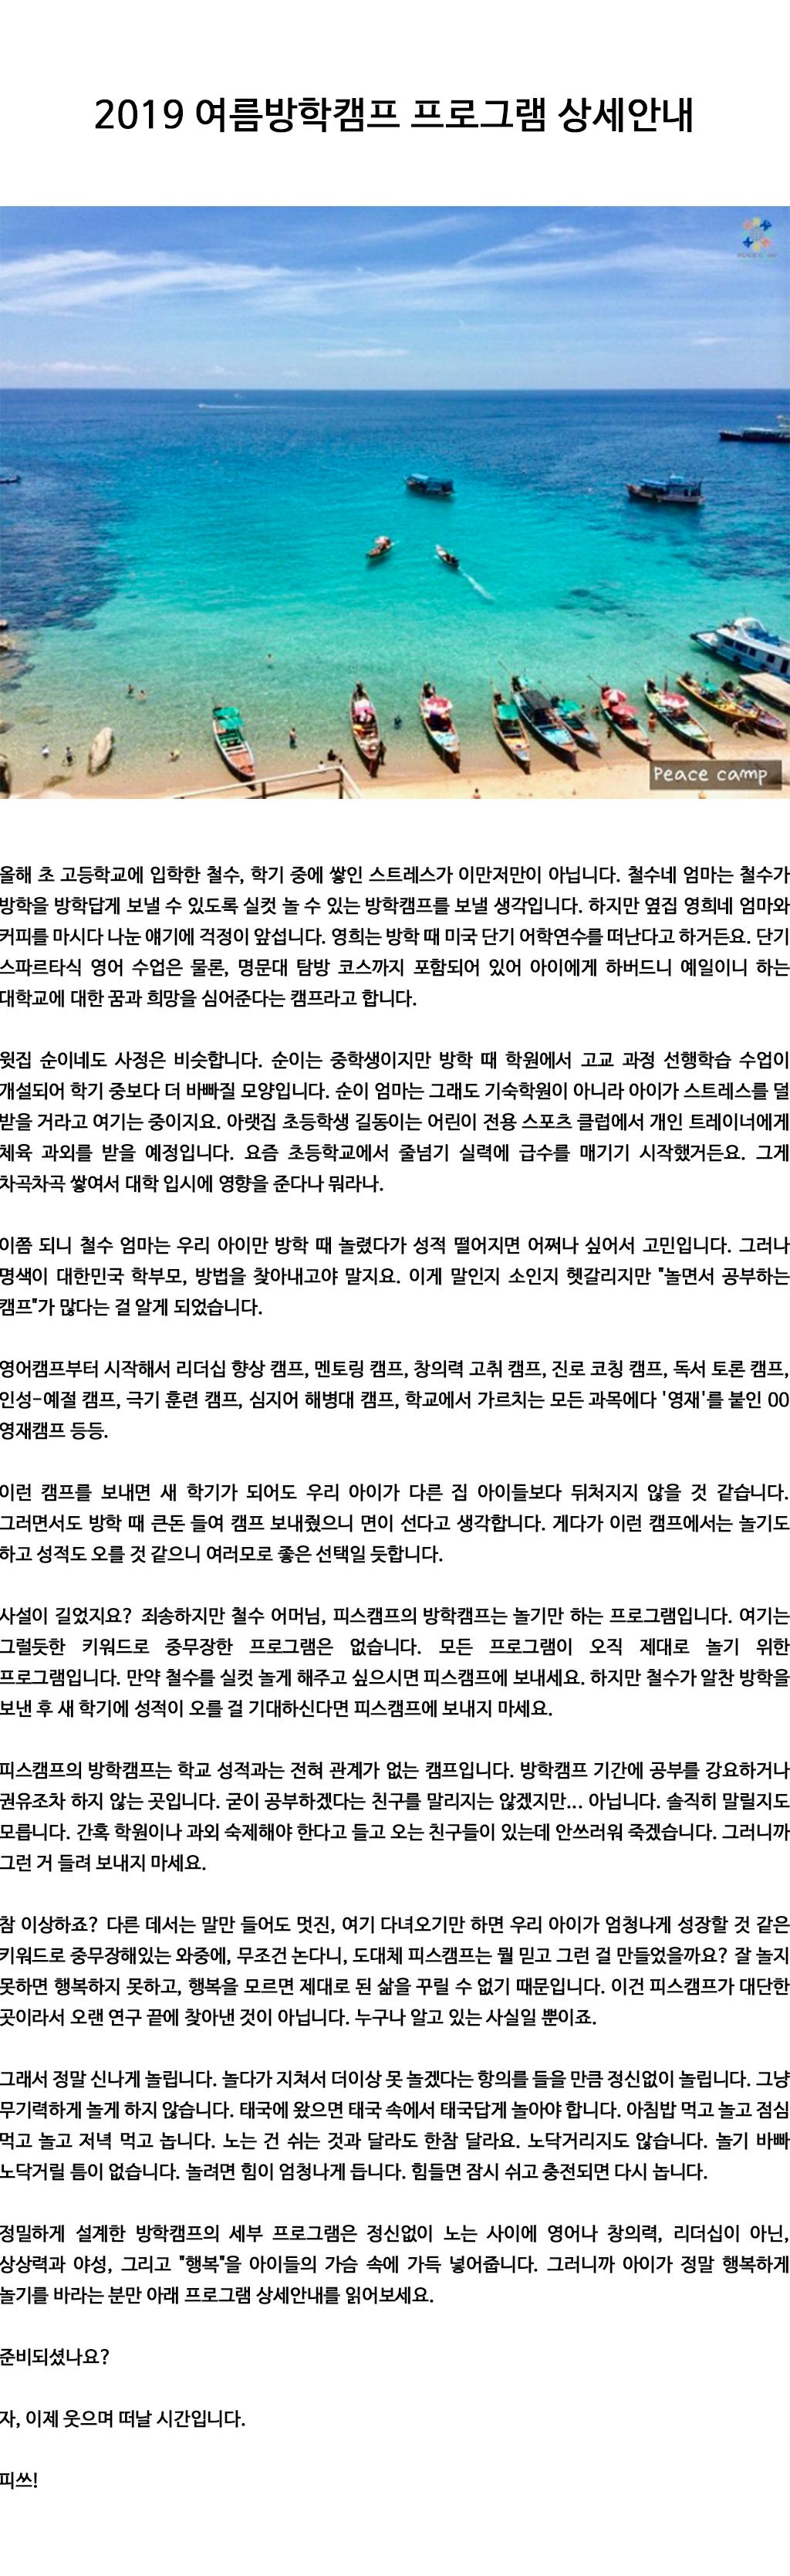 방학캠프 상세안내 #1.jpg